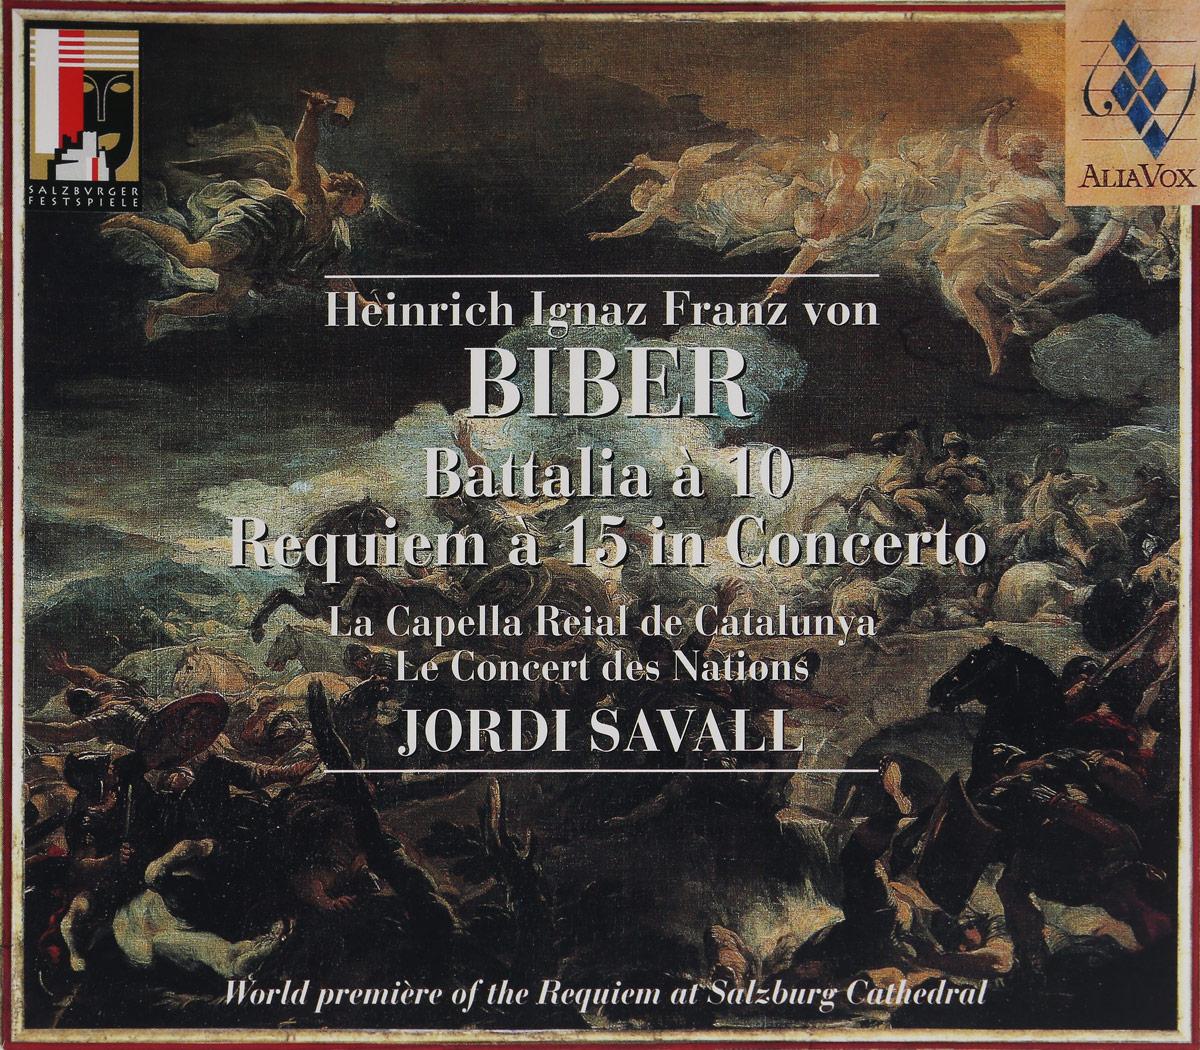 JORDI SAVALL;LE CONCERT DES NATIONS; LA CAPELLA REIAL DE CATALUNYA. REQUIEM A 15 IN CONCERTO & BATTALIA A 10. 1